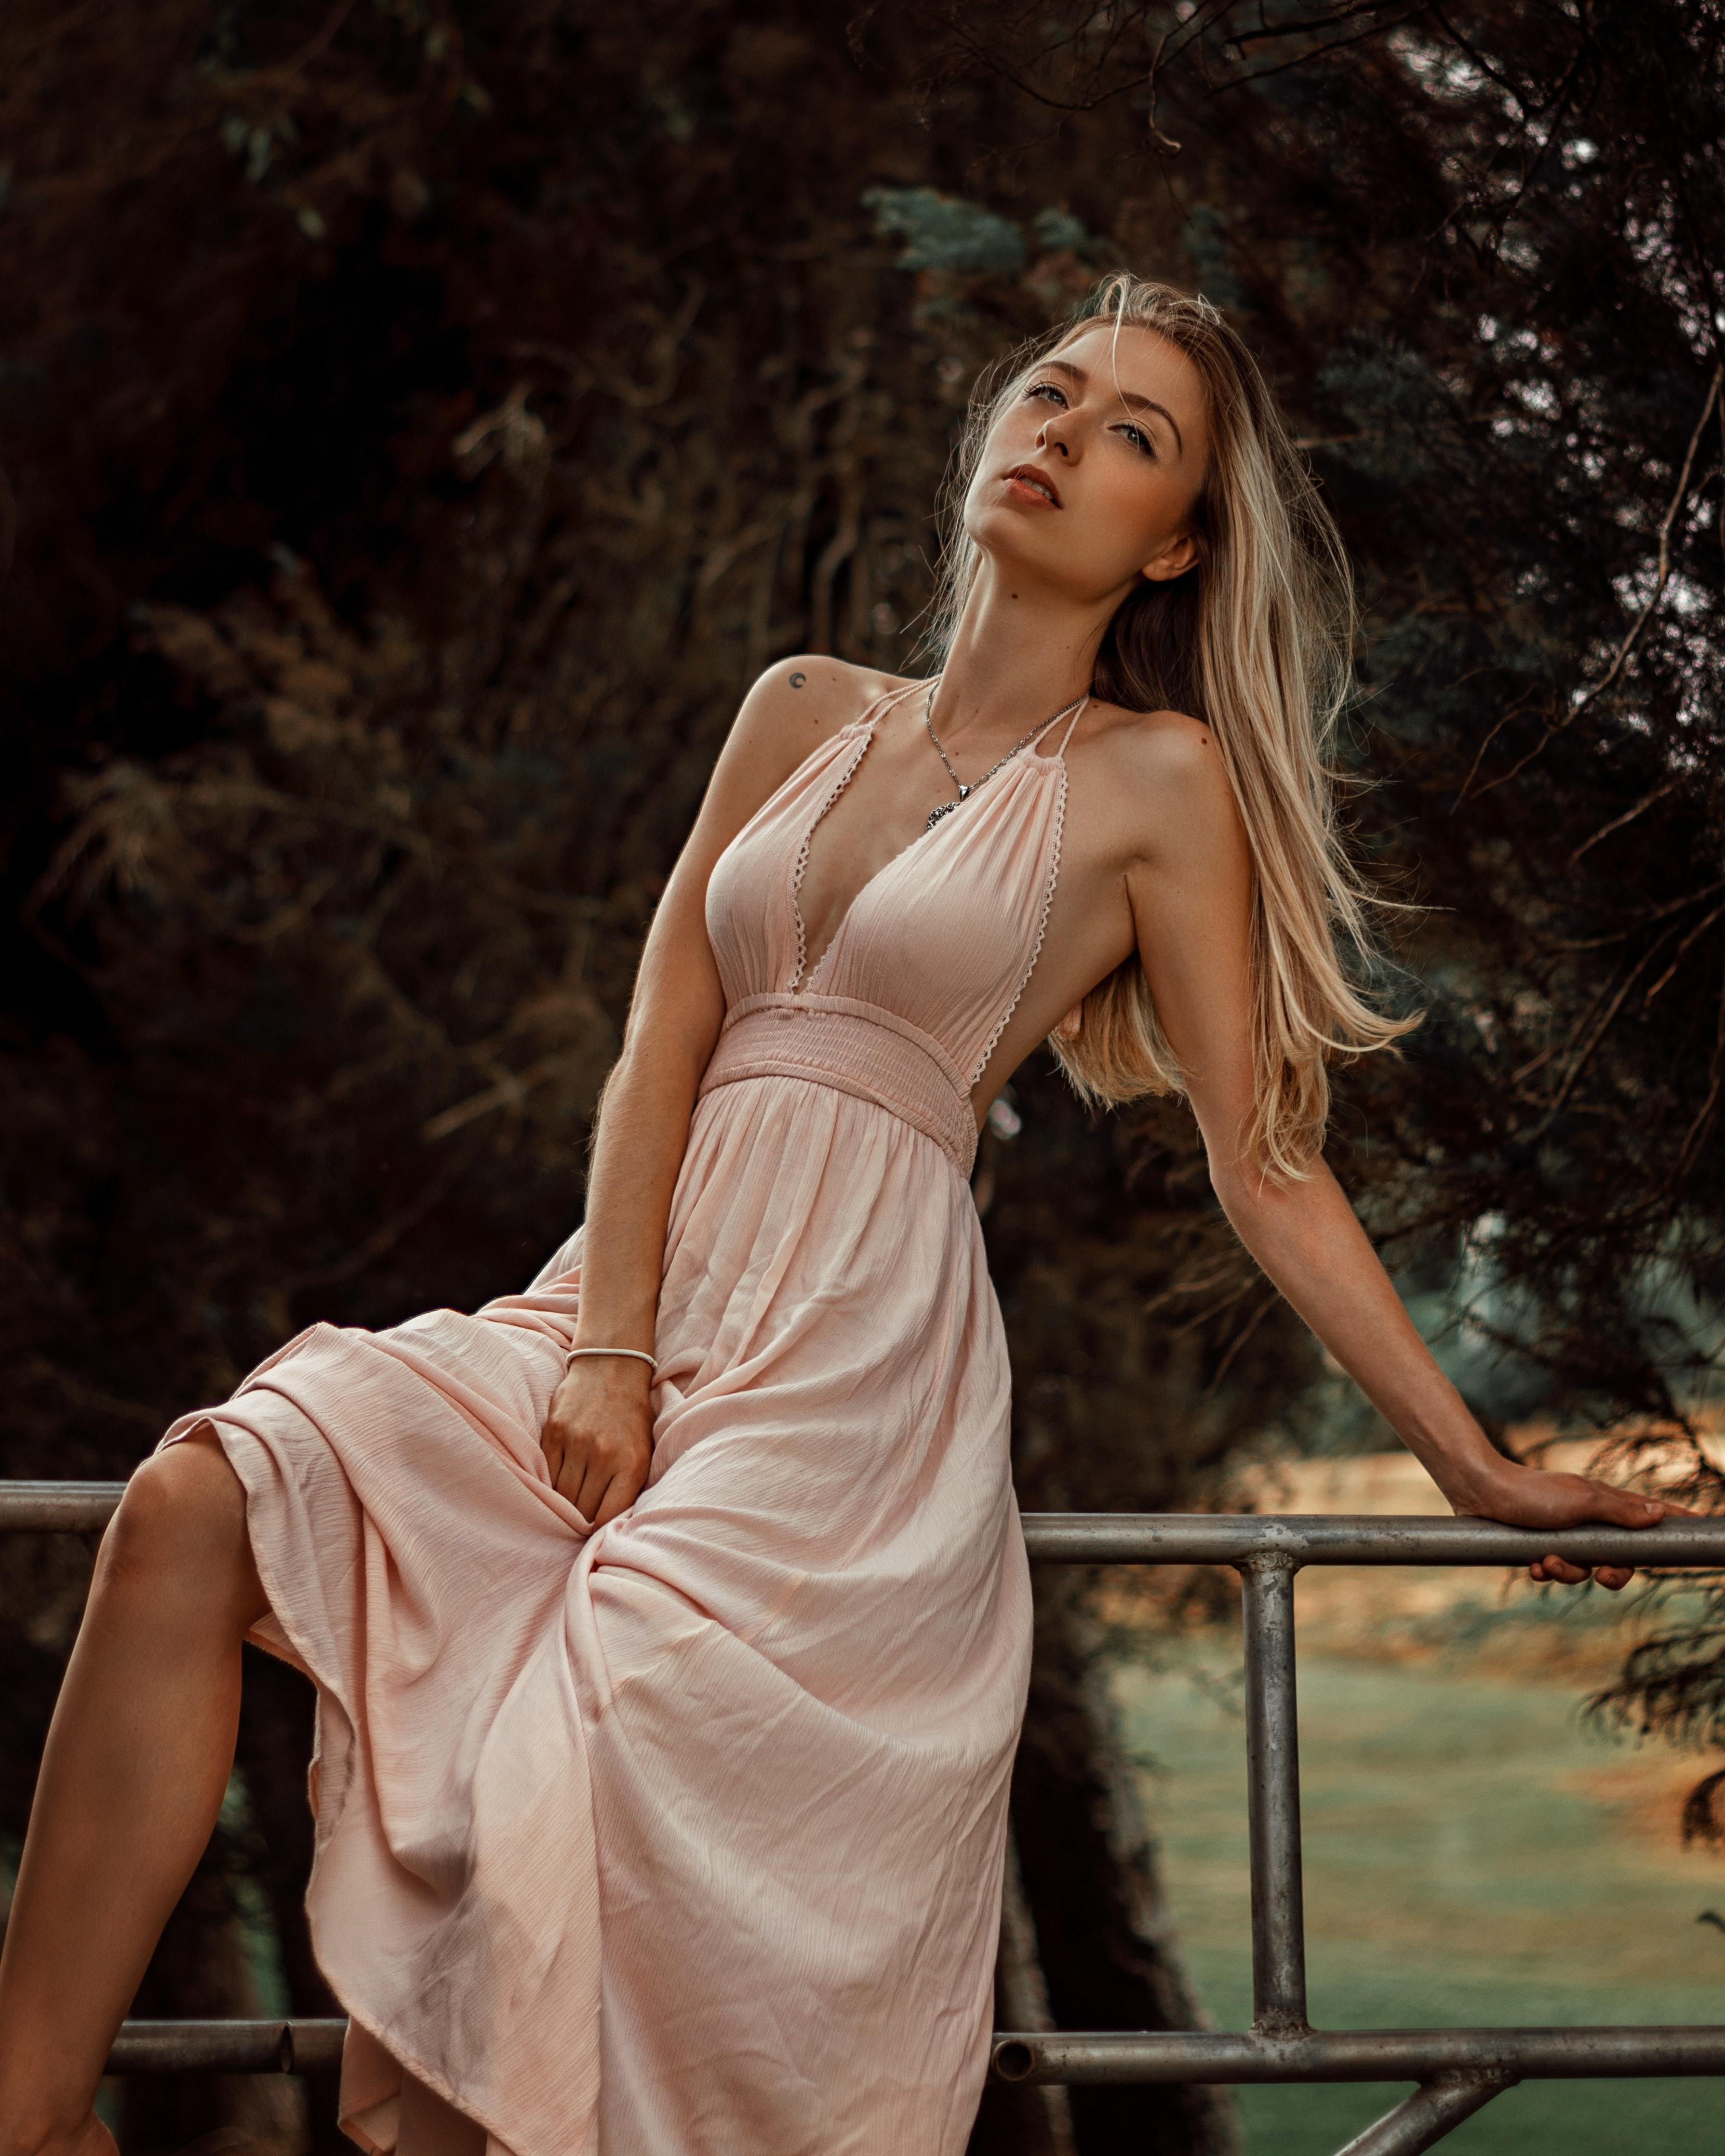 mulher loira de cabelo comprido em sessão fotográfica no exterior vestida com um vestido rosa velho decotado